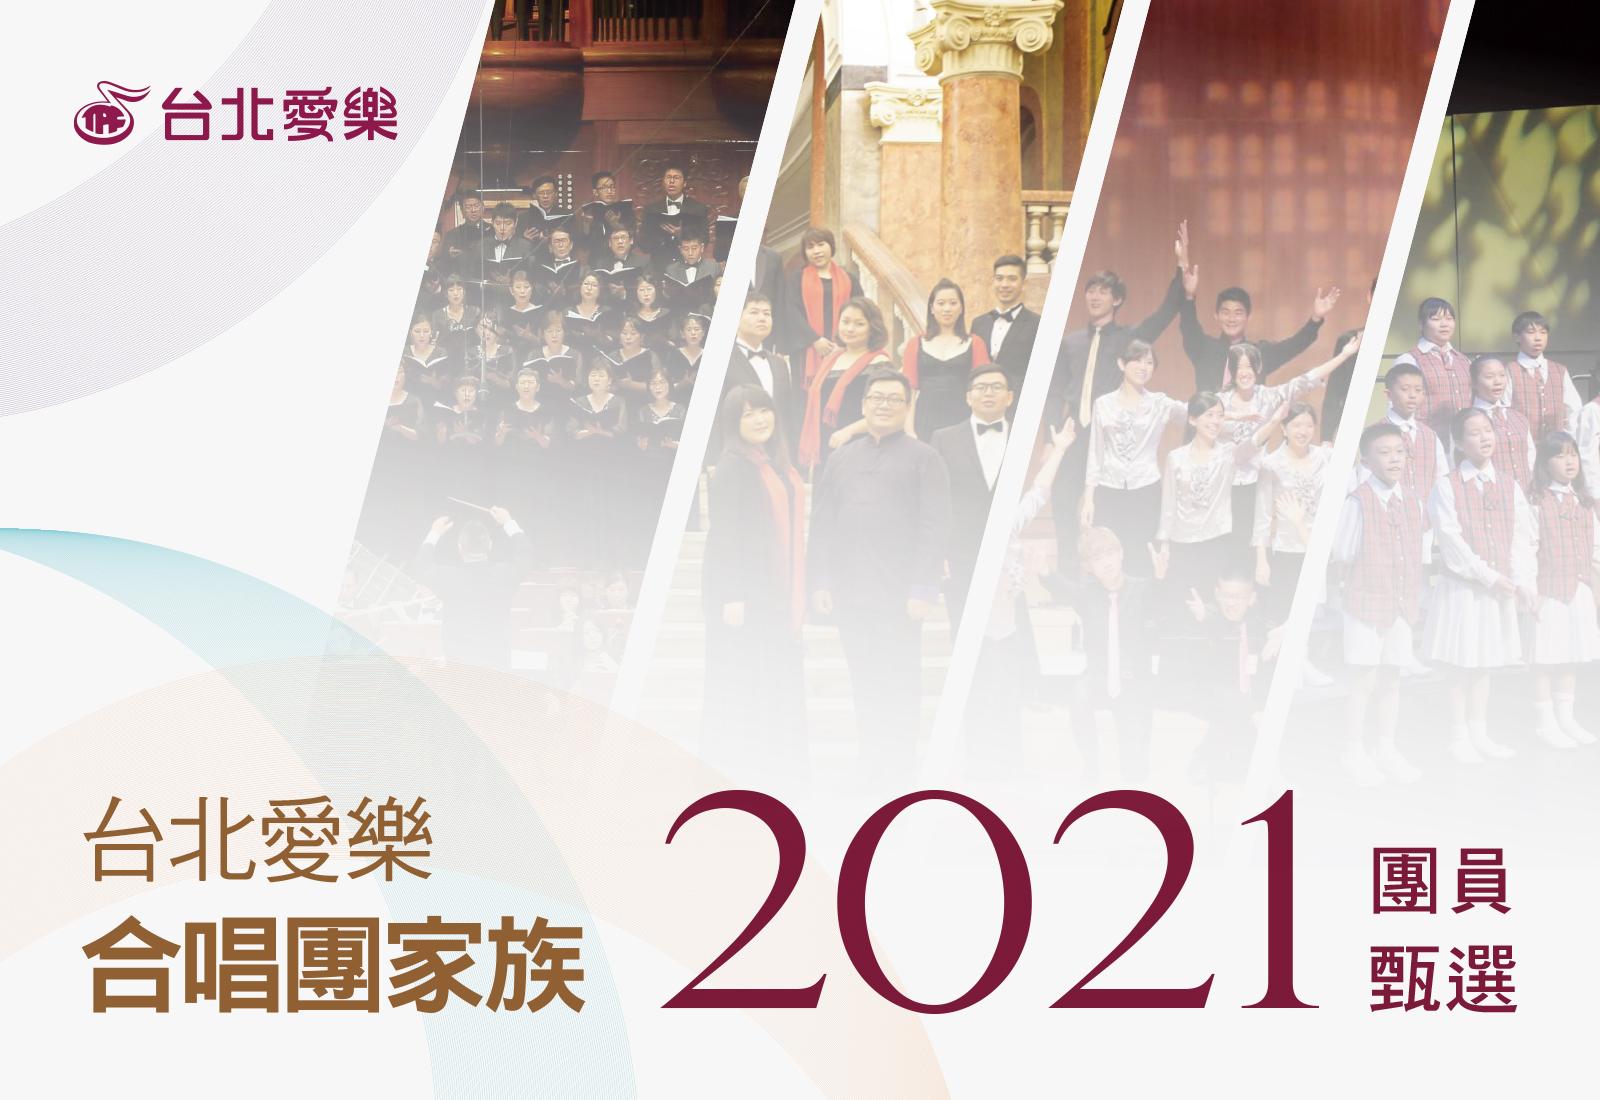 2021 台北愛樂合唱家族甄選-台北愛樂合唱團、台北愛樂青年合唱團 團員甄選順序